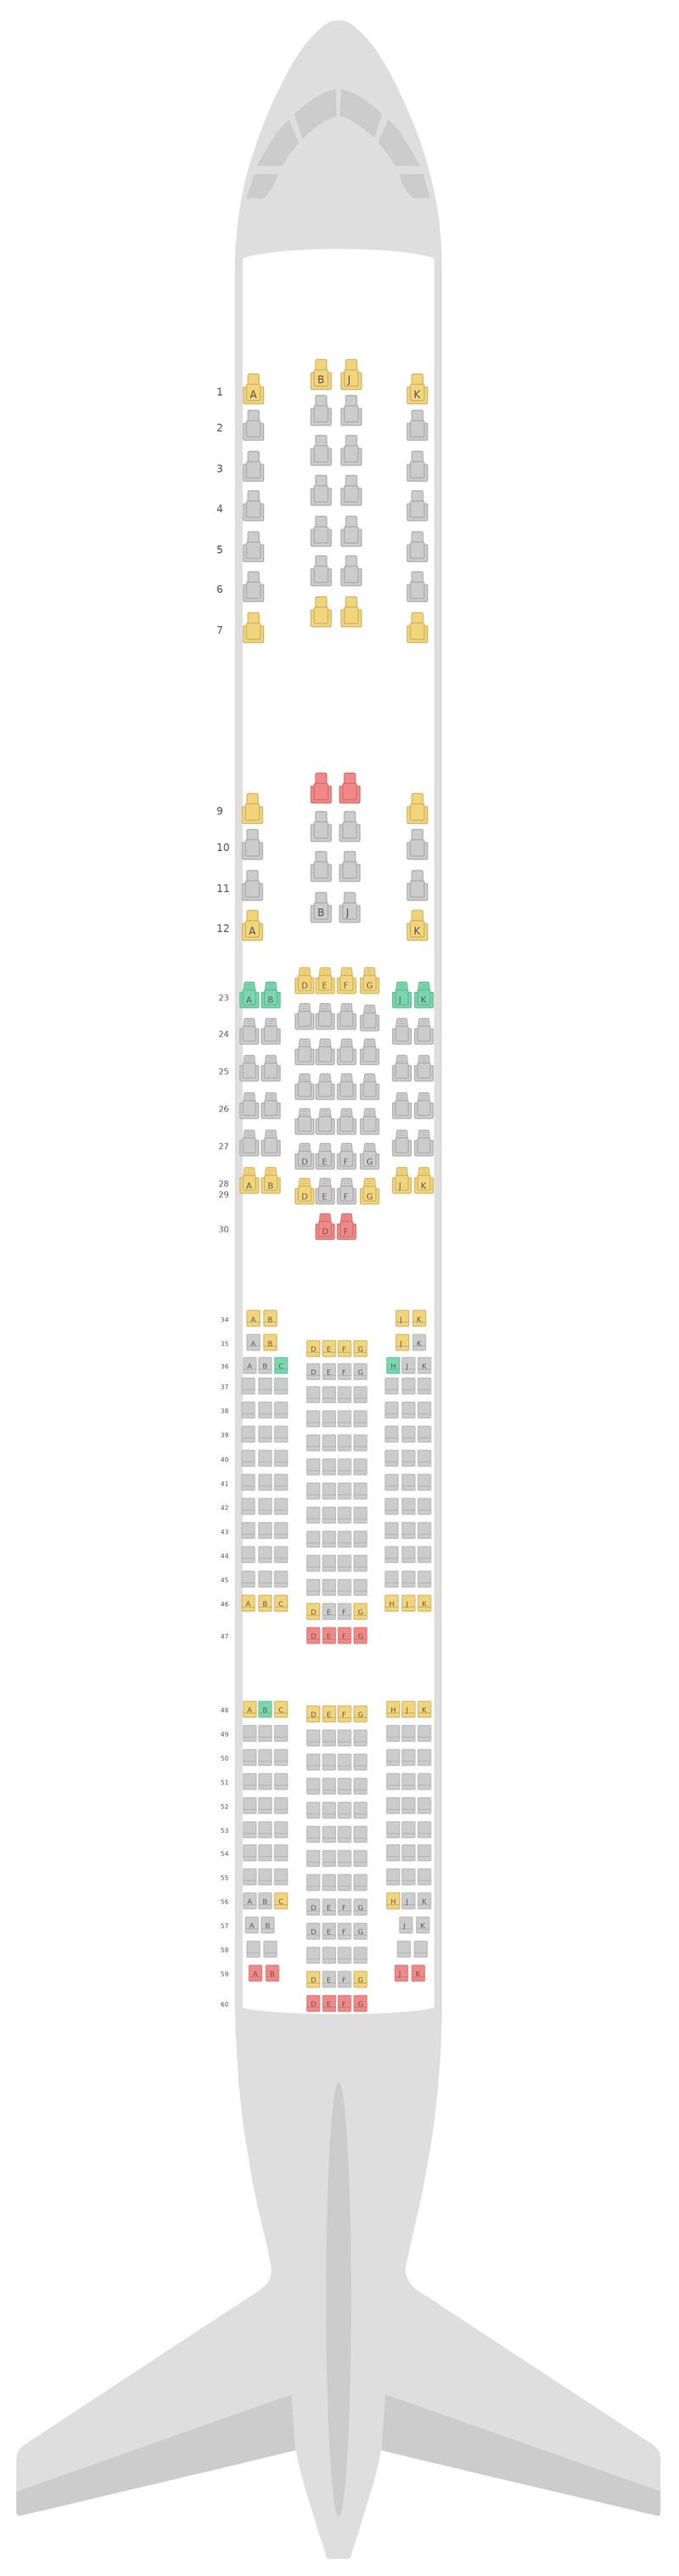 Sitzplan Boeing 777-300 (773) Air New Zealand